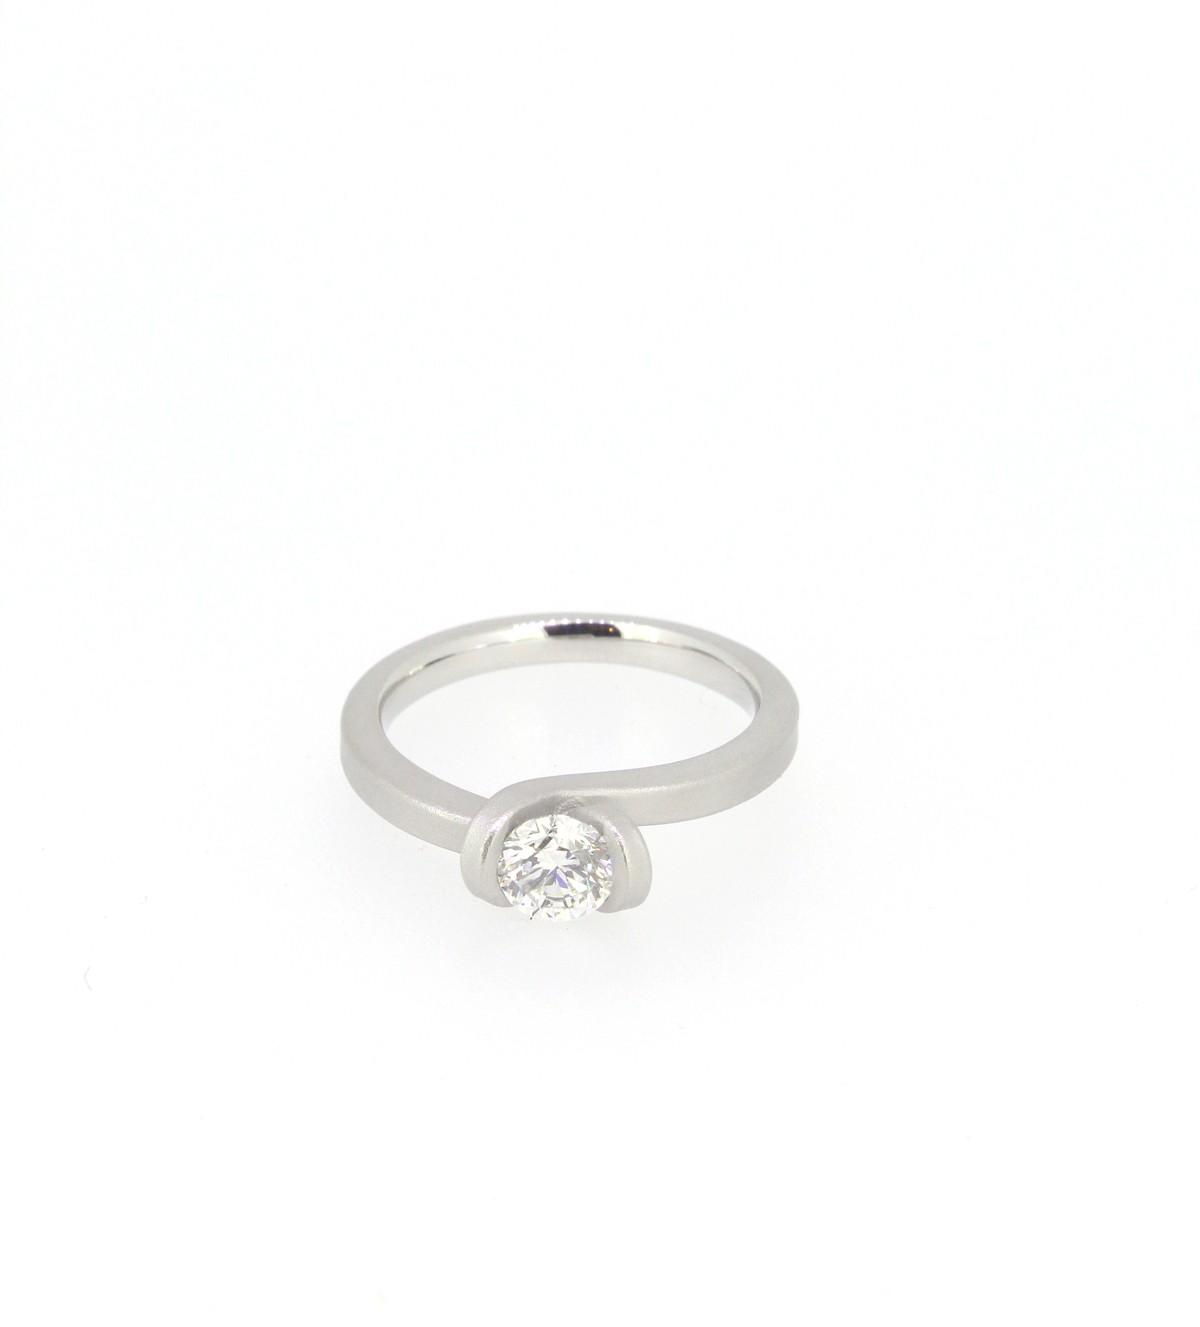 Ring Solitär 0,50ct 950 Platin - Oliver Schmidt - 103-050